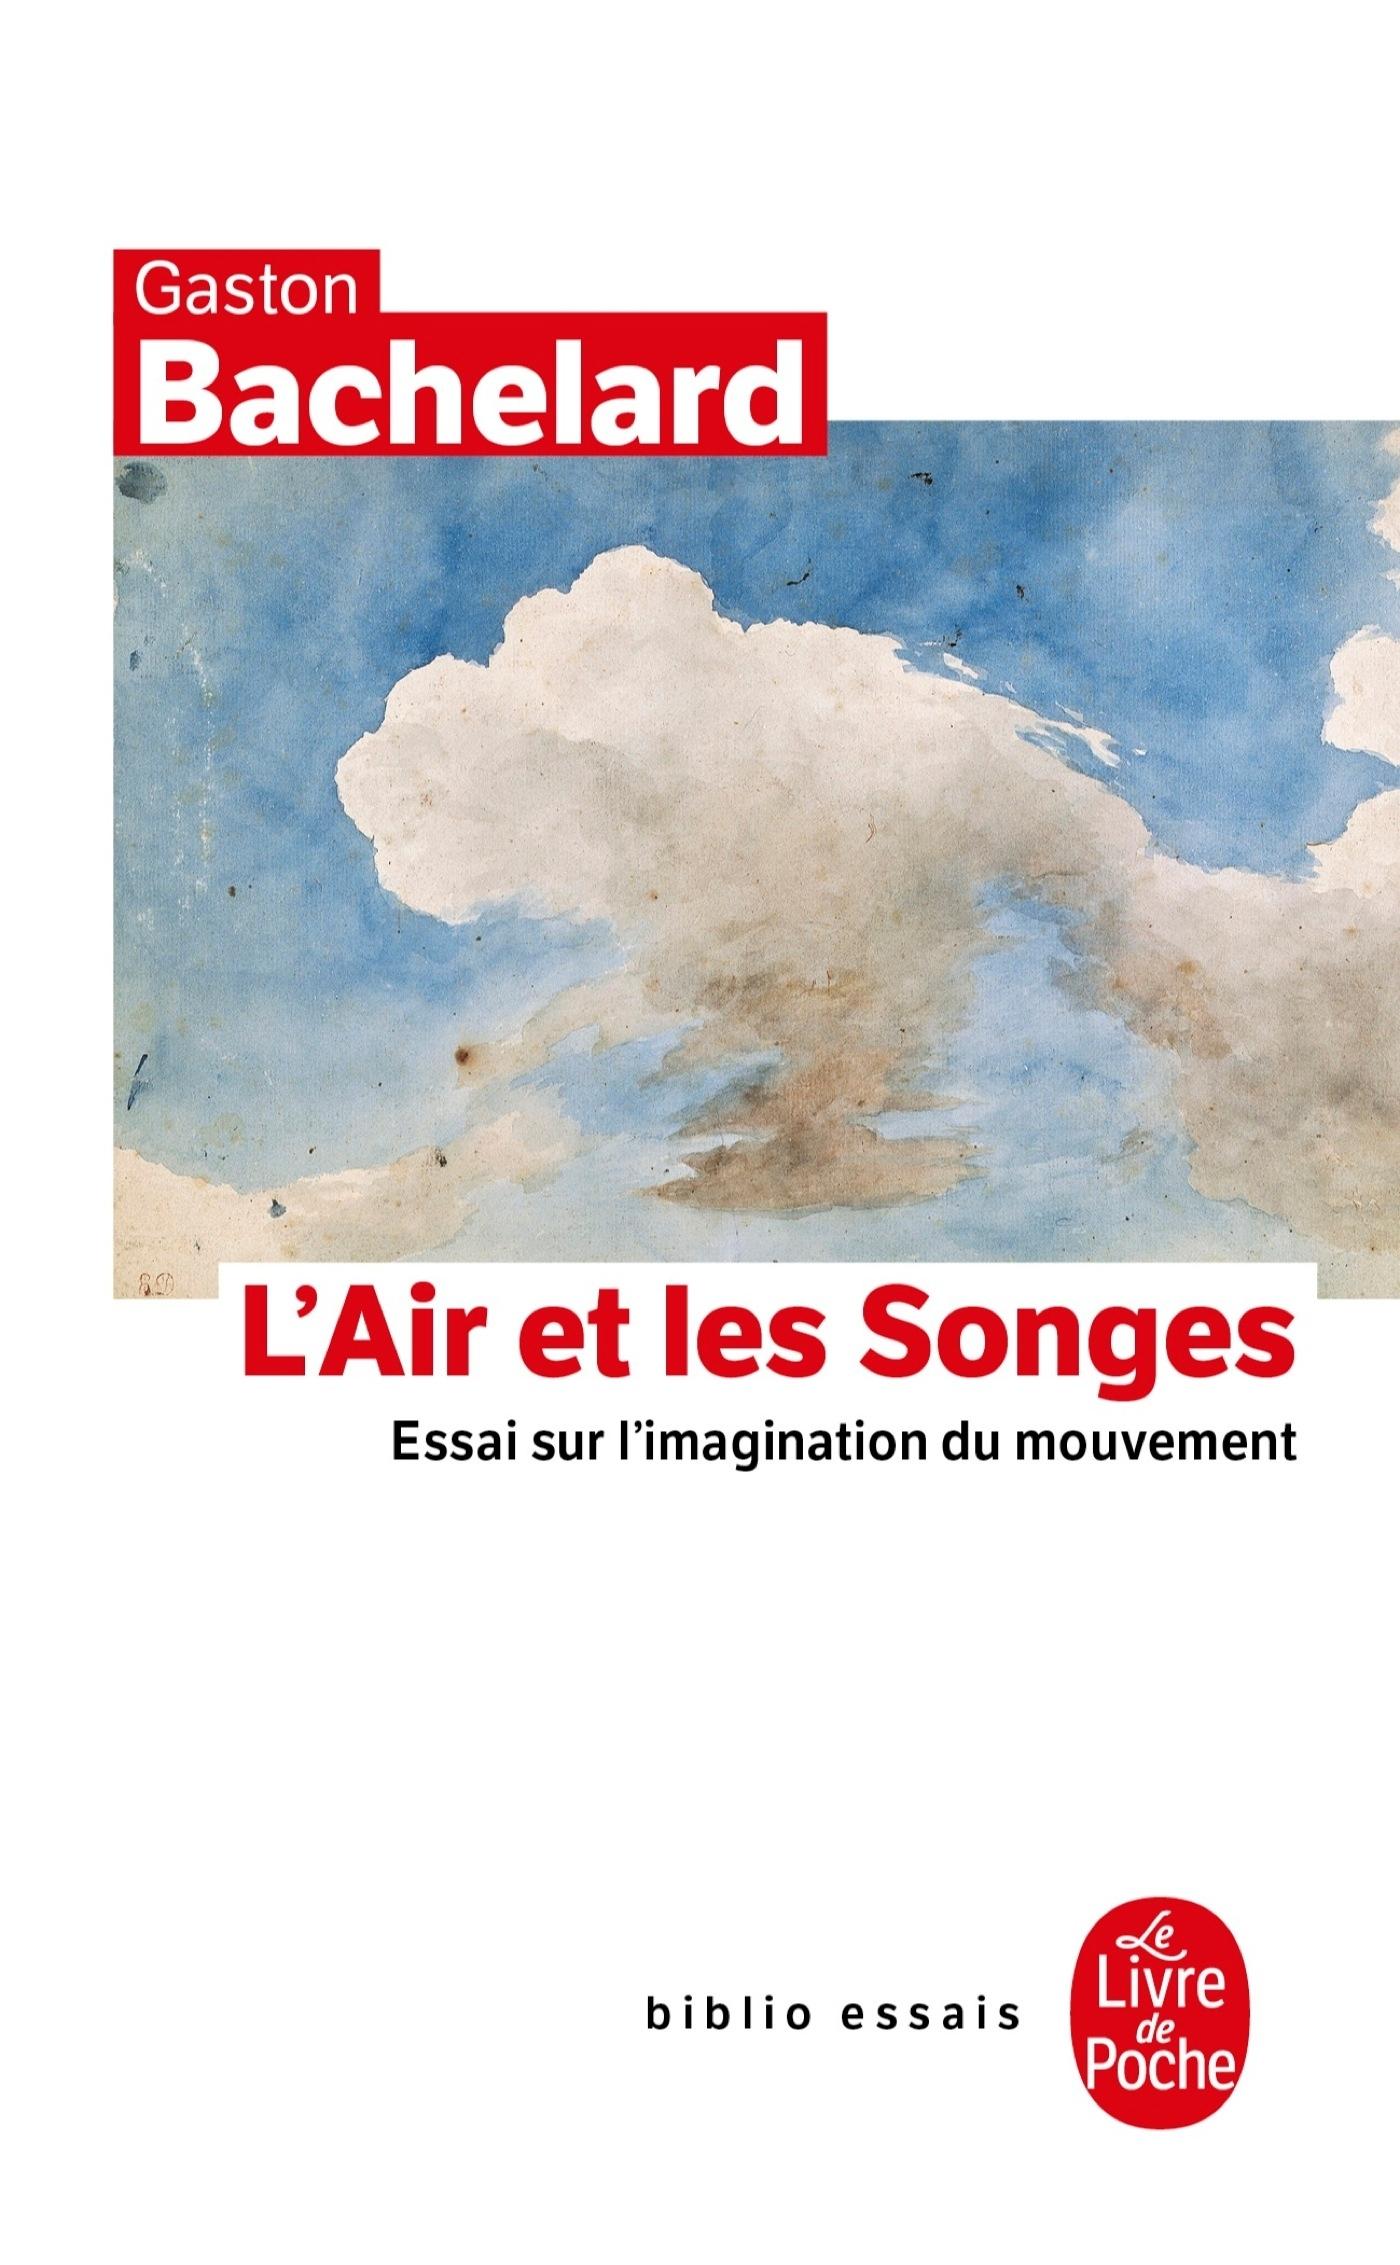 L'AIR ET LES SONGES